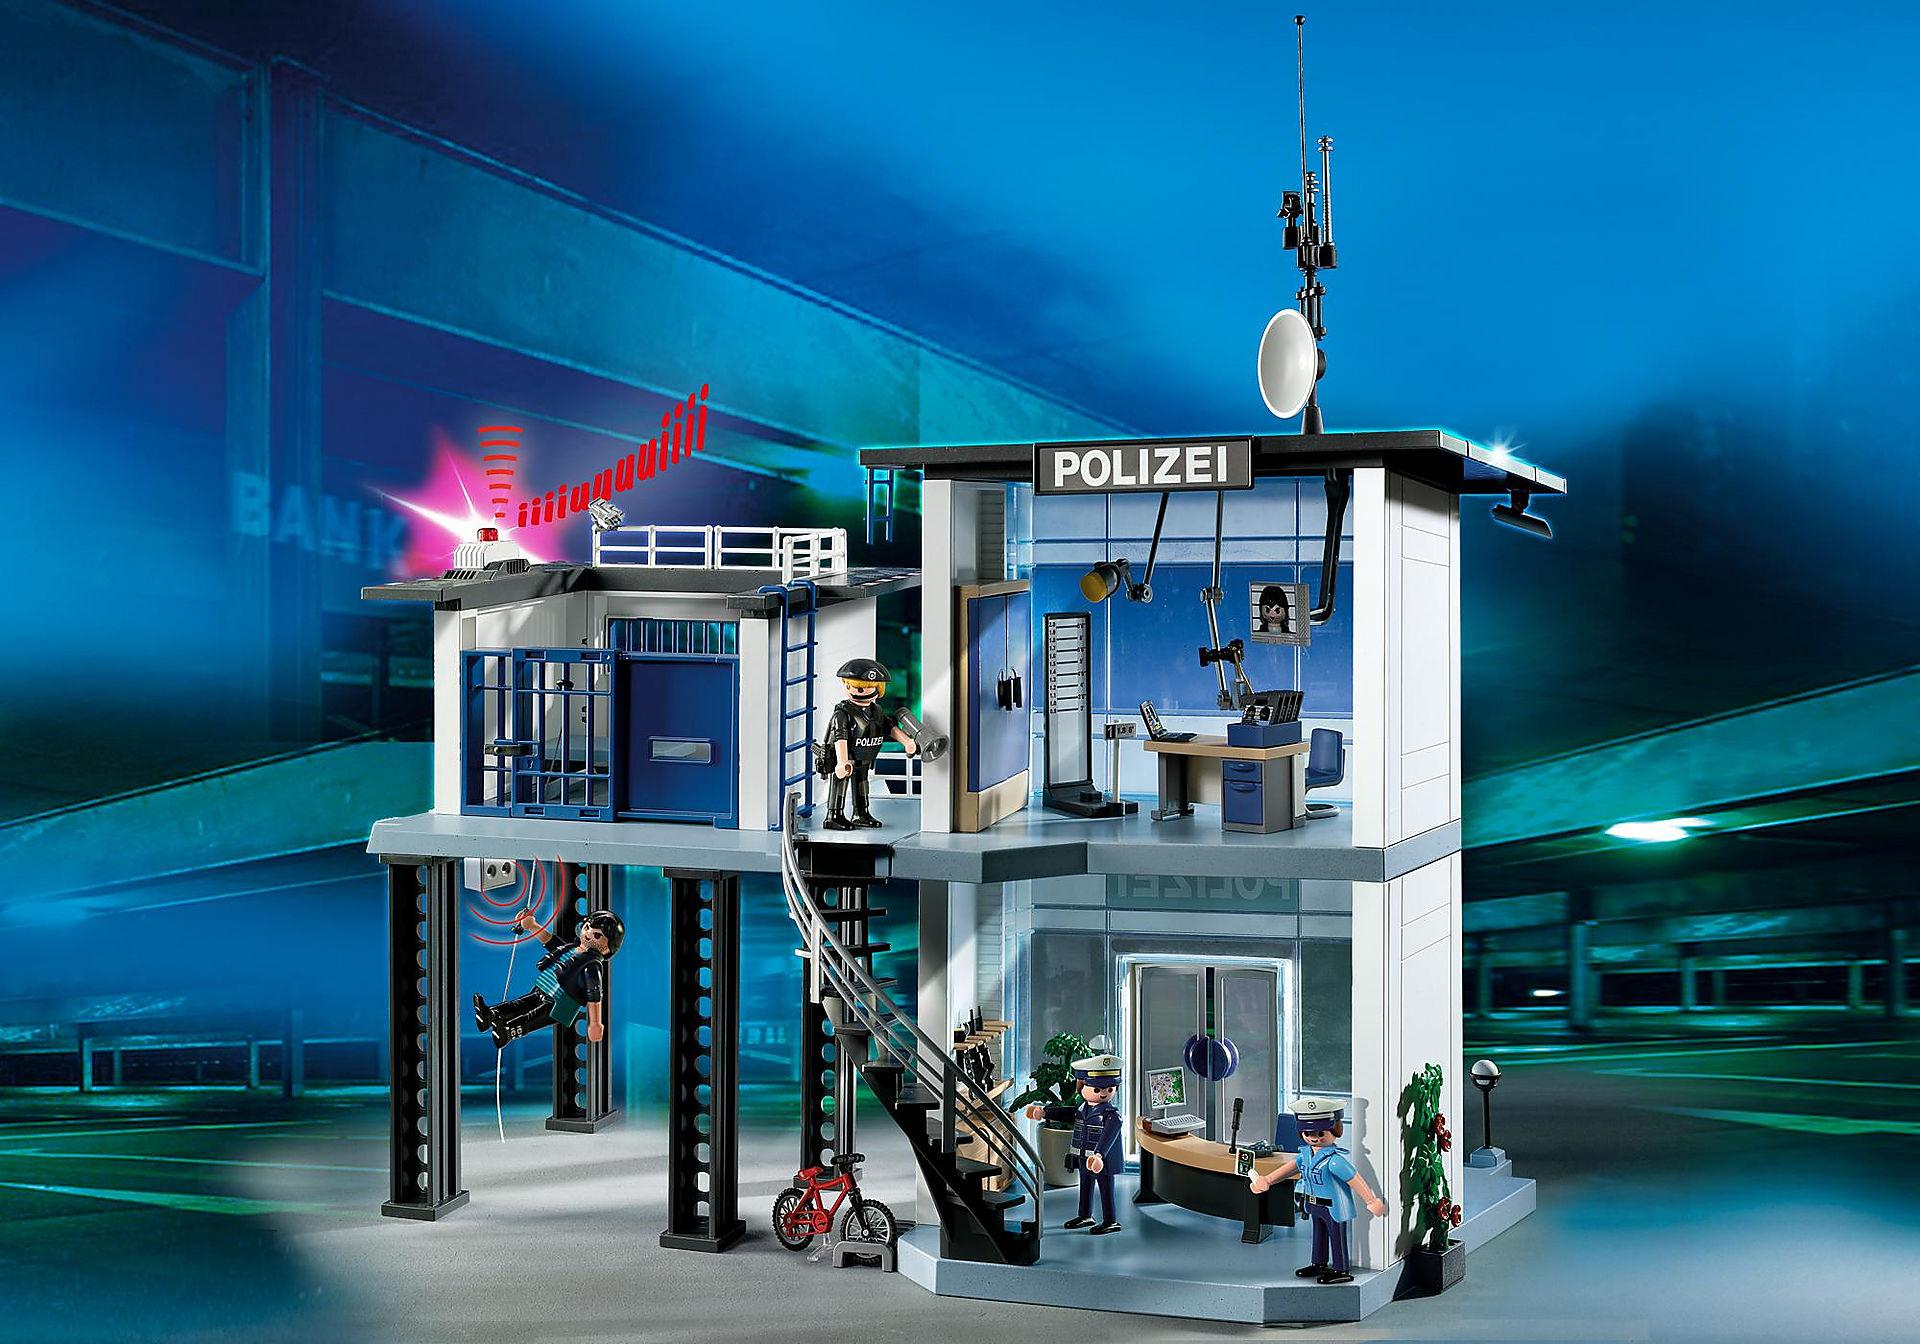 5176 Polizei-Kommandostation mit Alarmanlage zoom image1